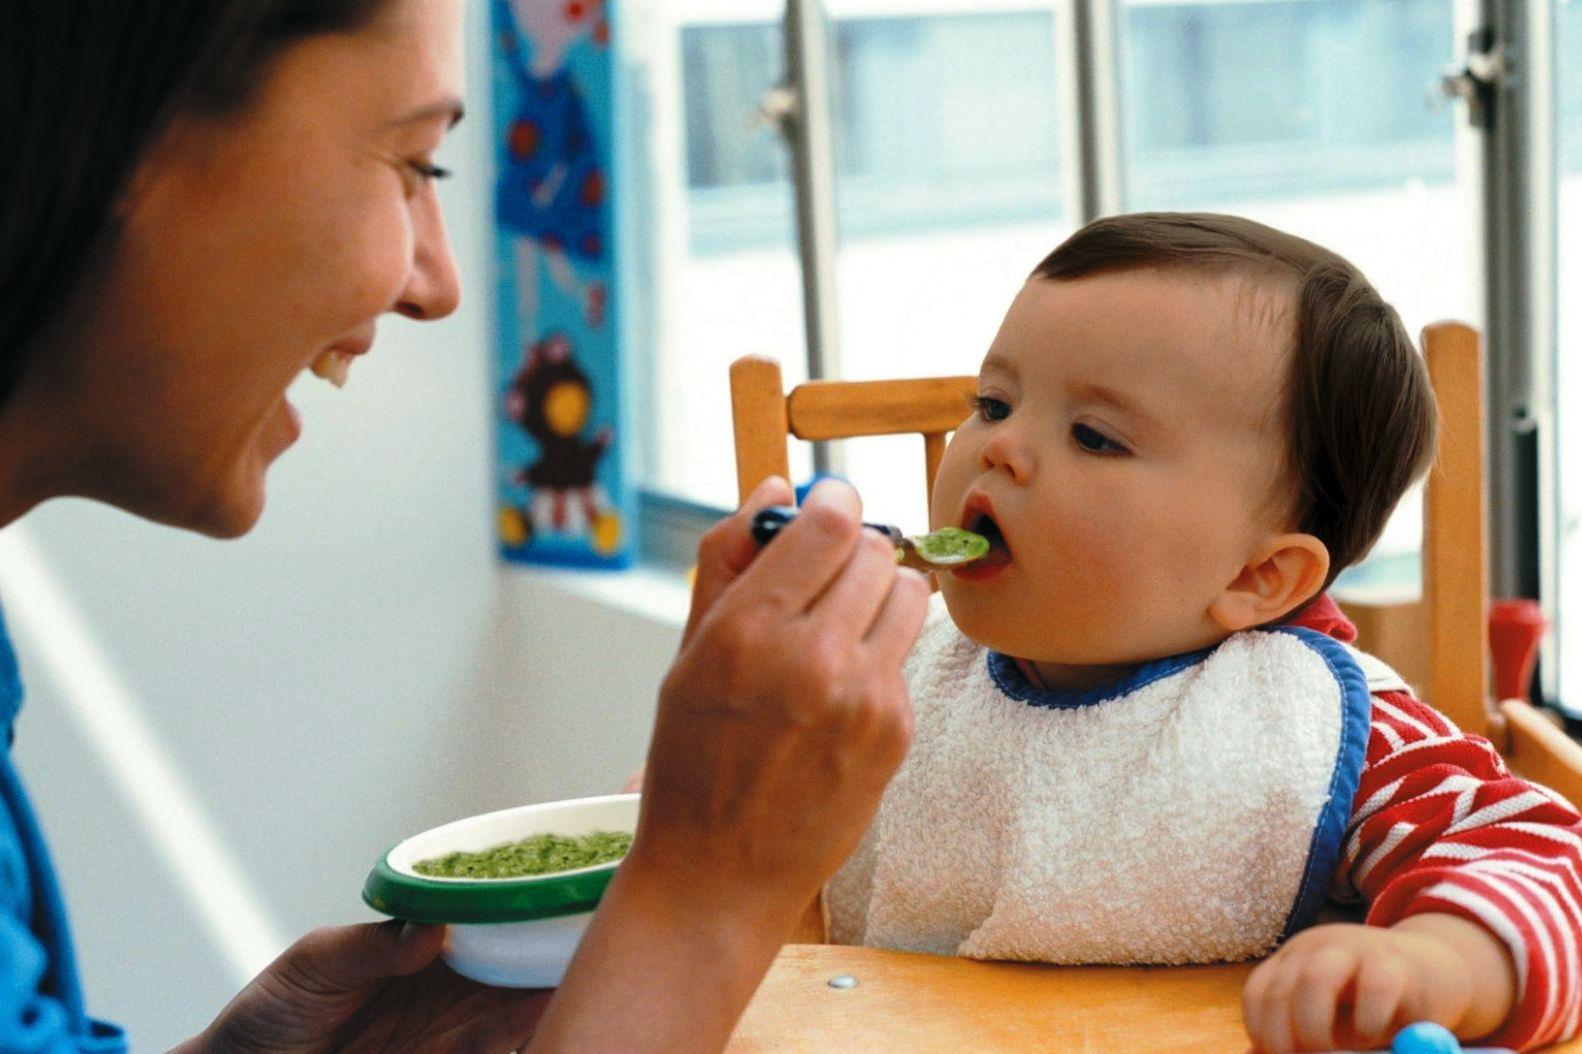 С какого месяца можно прикармливать ребенка и чем?